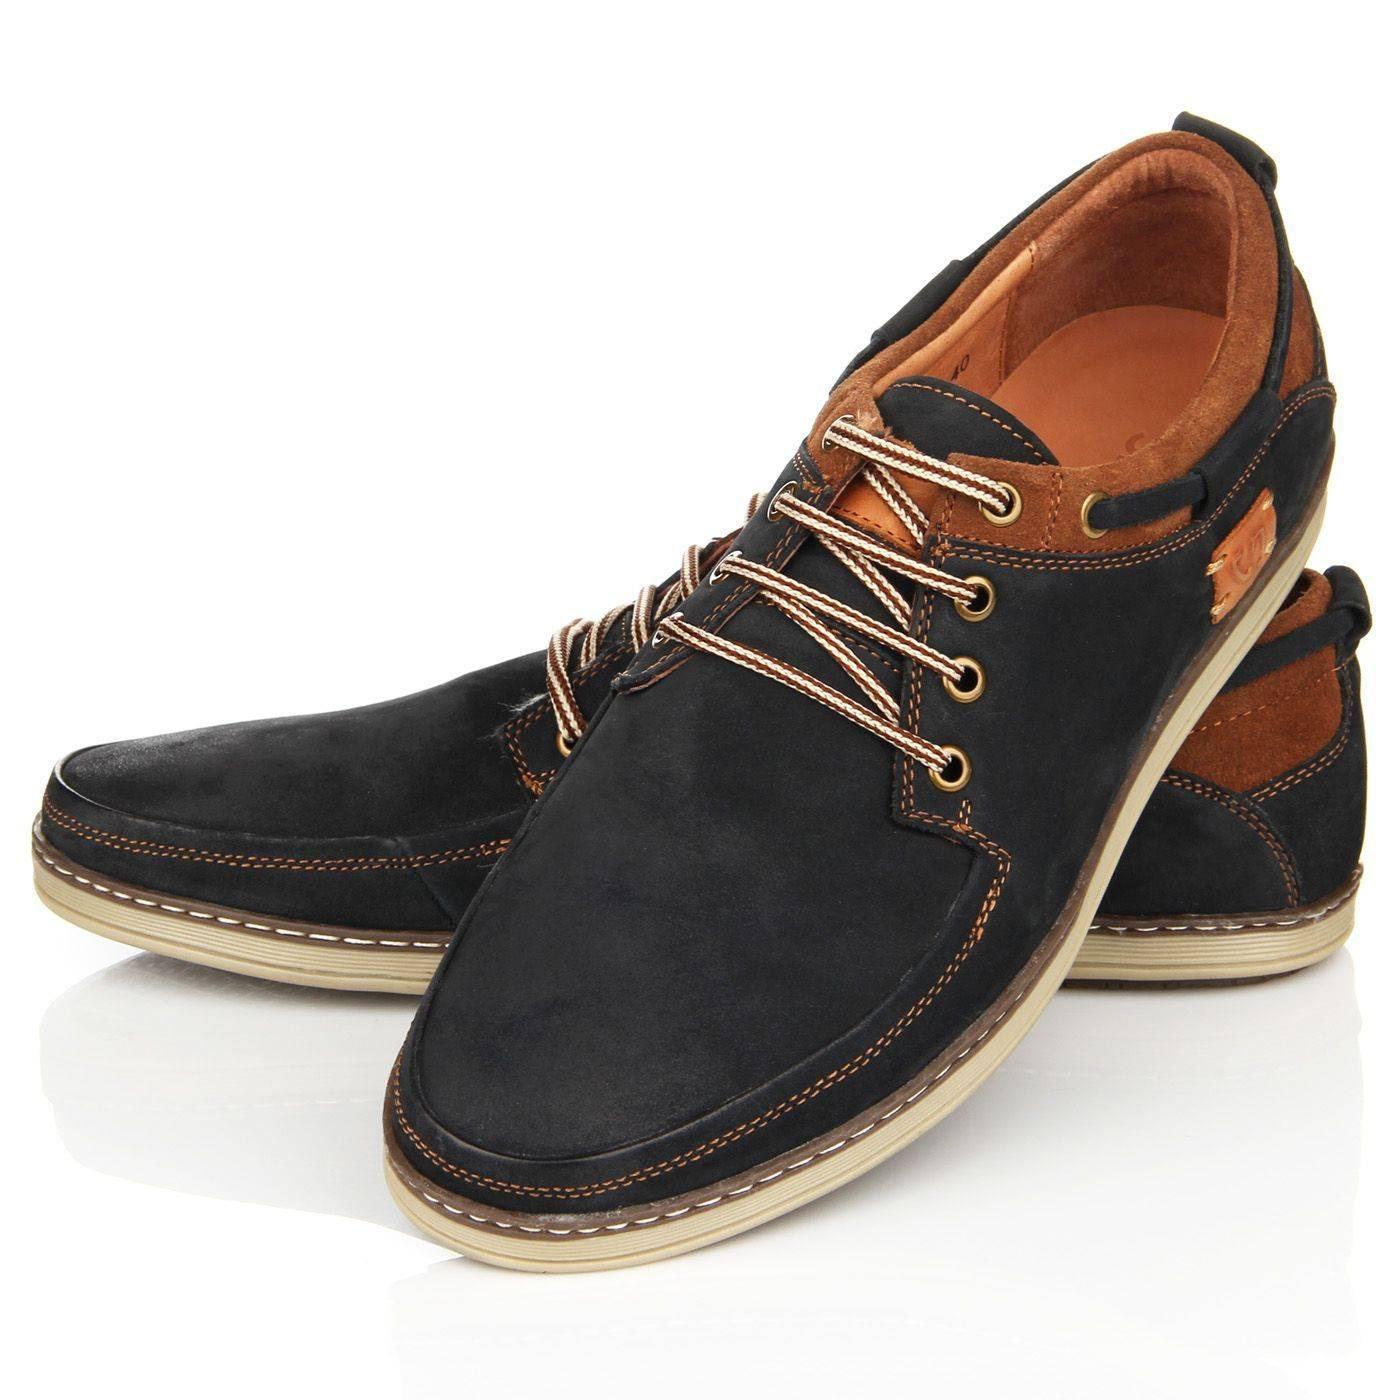 где купить мужские туфли в спб